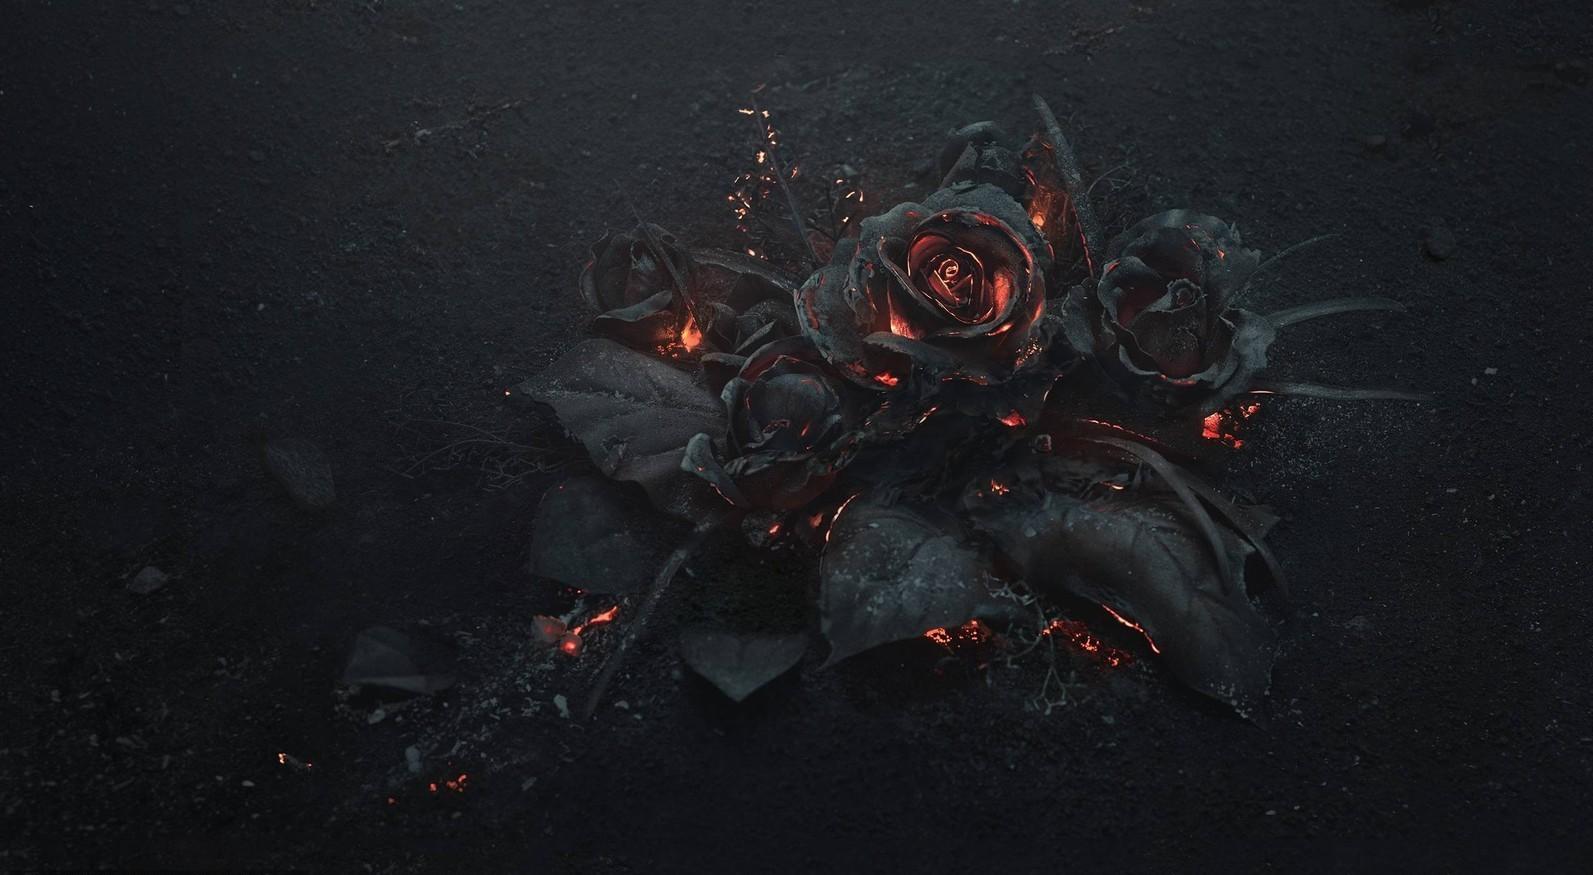 Розы фокус секс фэнтази